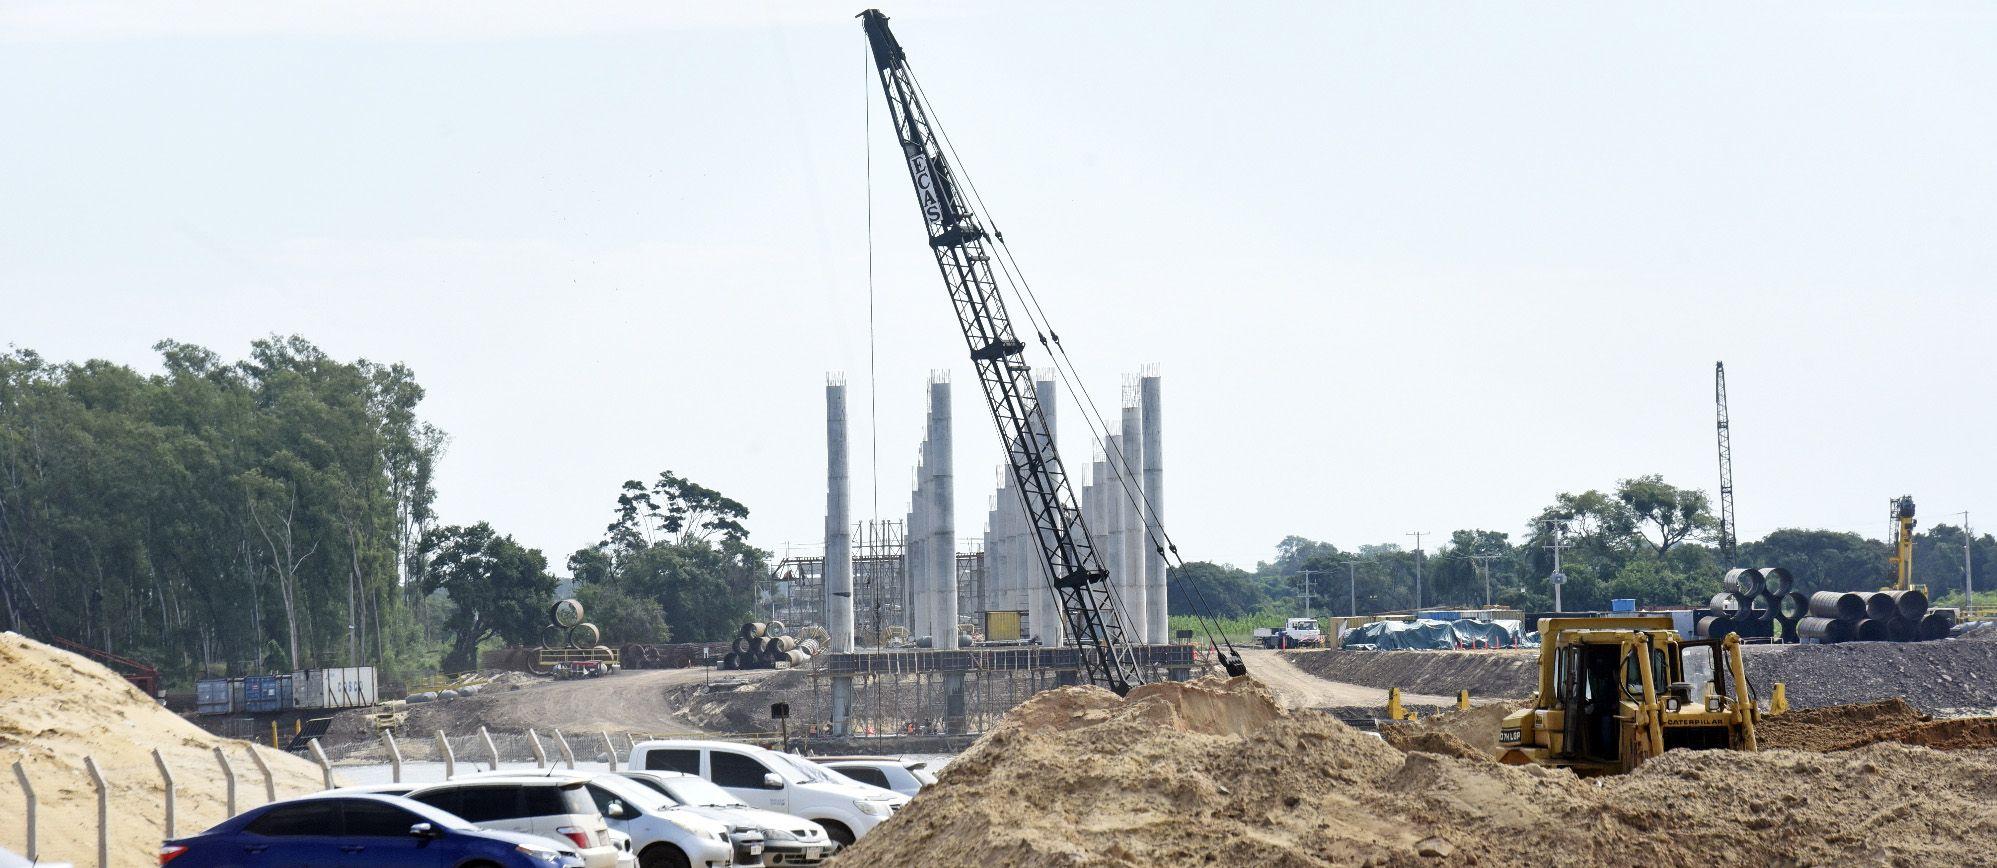 ABC recorrió ayer la zona de obras y se pudo corroborar que registra un importante avance, principalmente los viaductos de acceso.